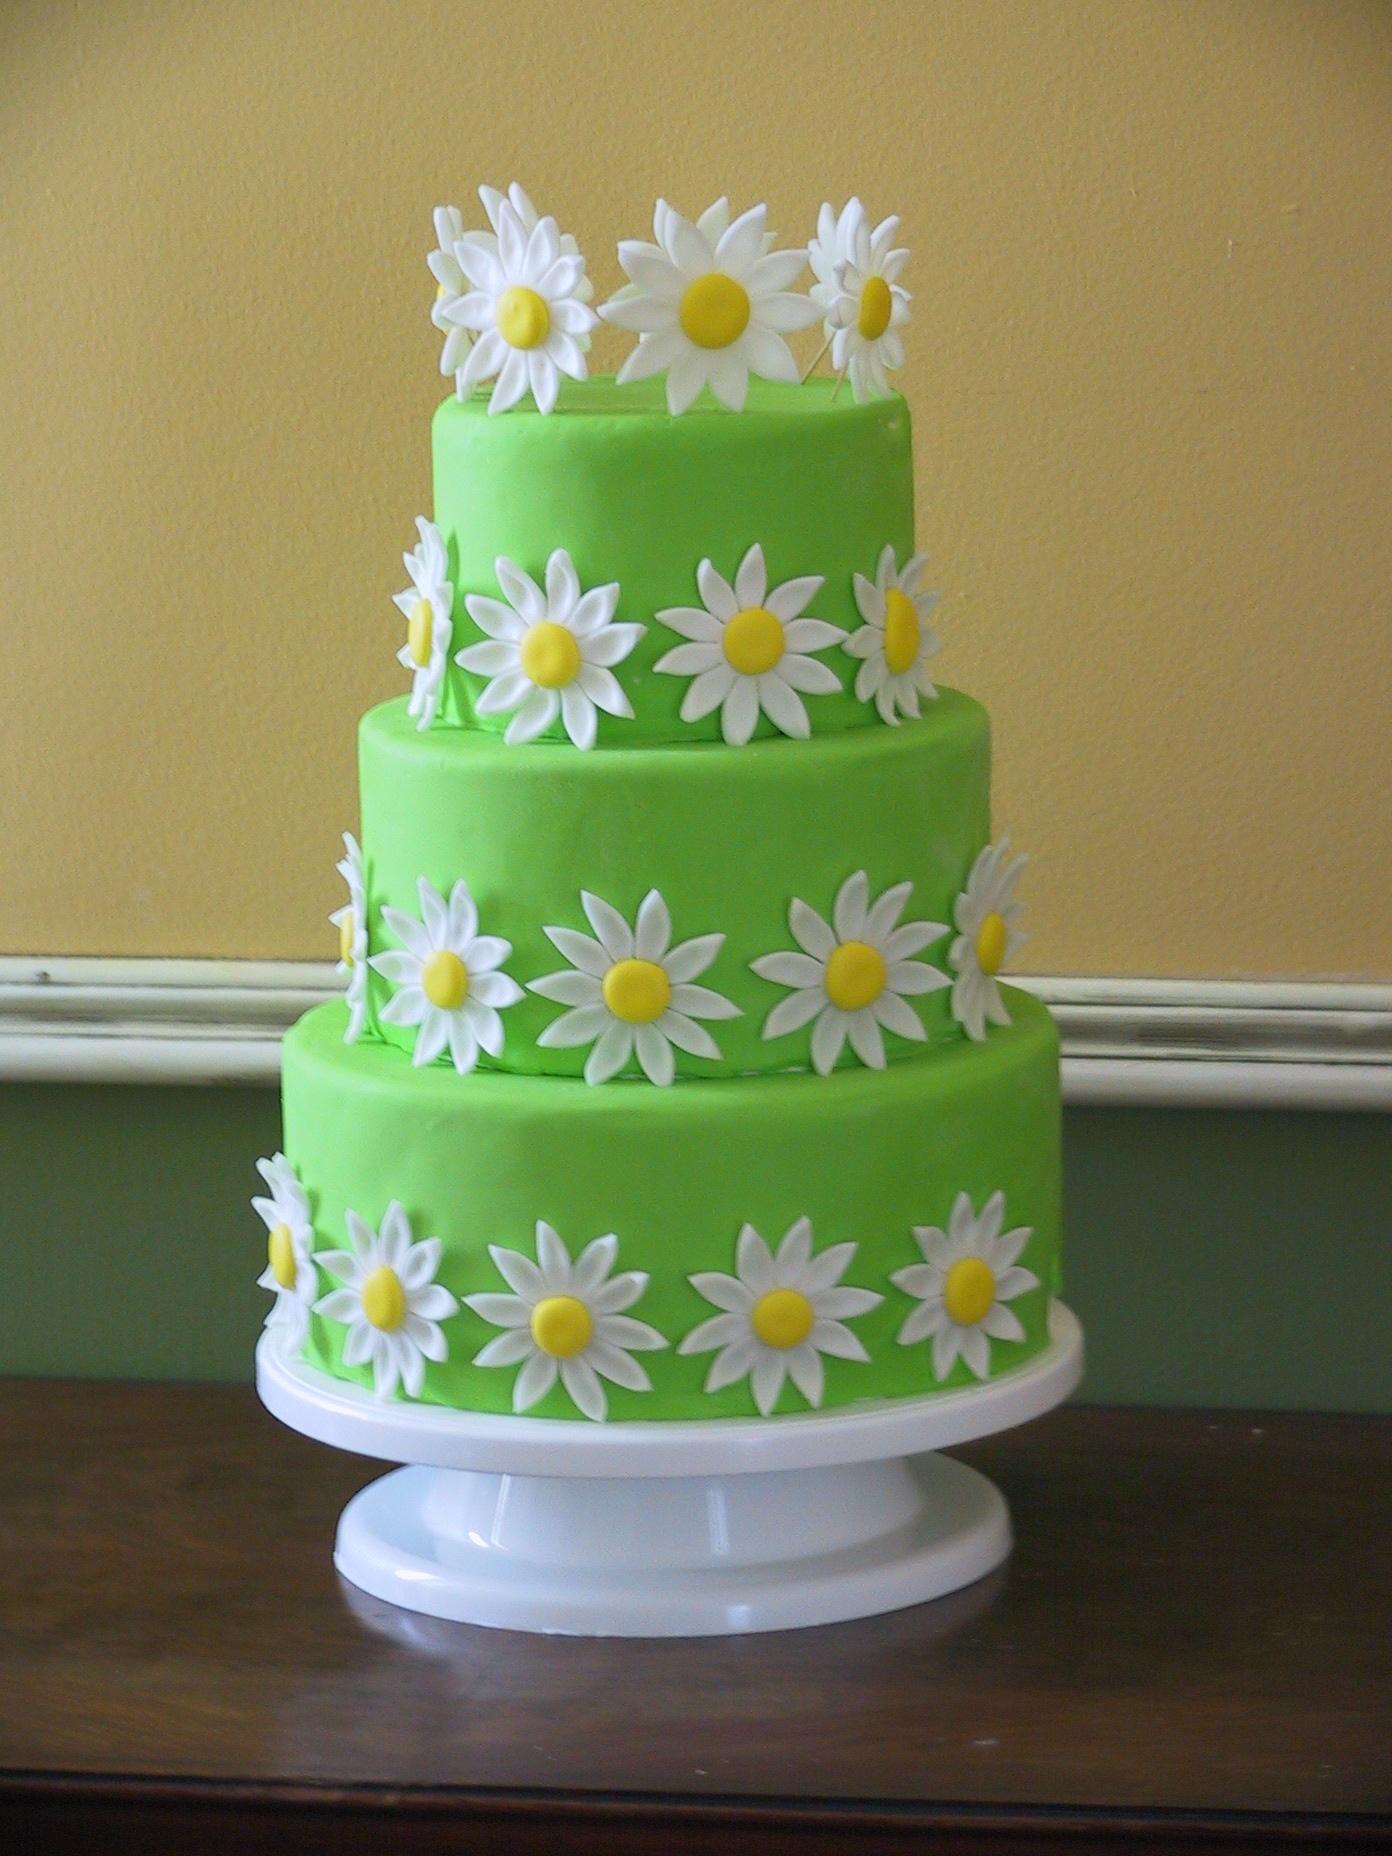 daisy-cake